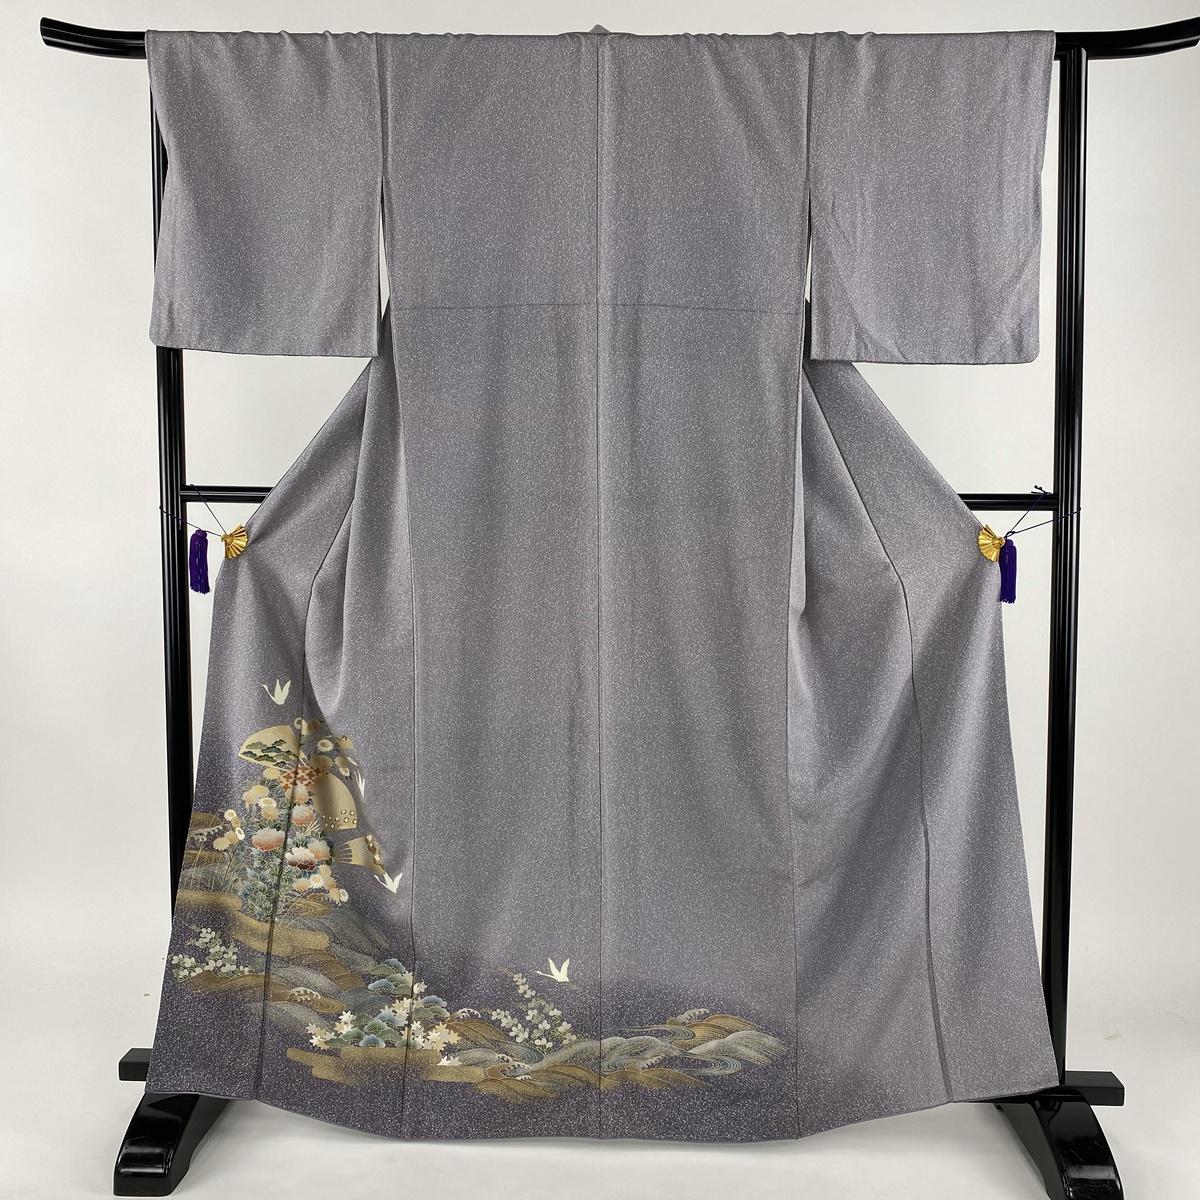 訪問着 美品 秀品 扇 草花 金彩 薄紫 袷 身丈163.5cm 裄丈66cm M 正絹 【中古】